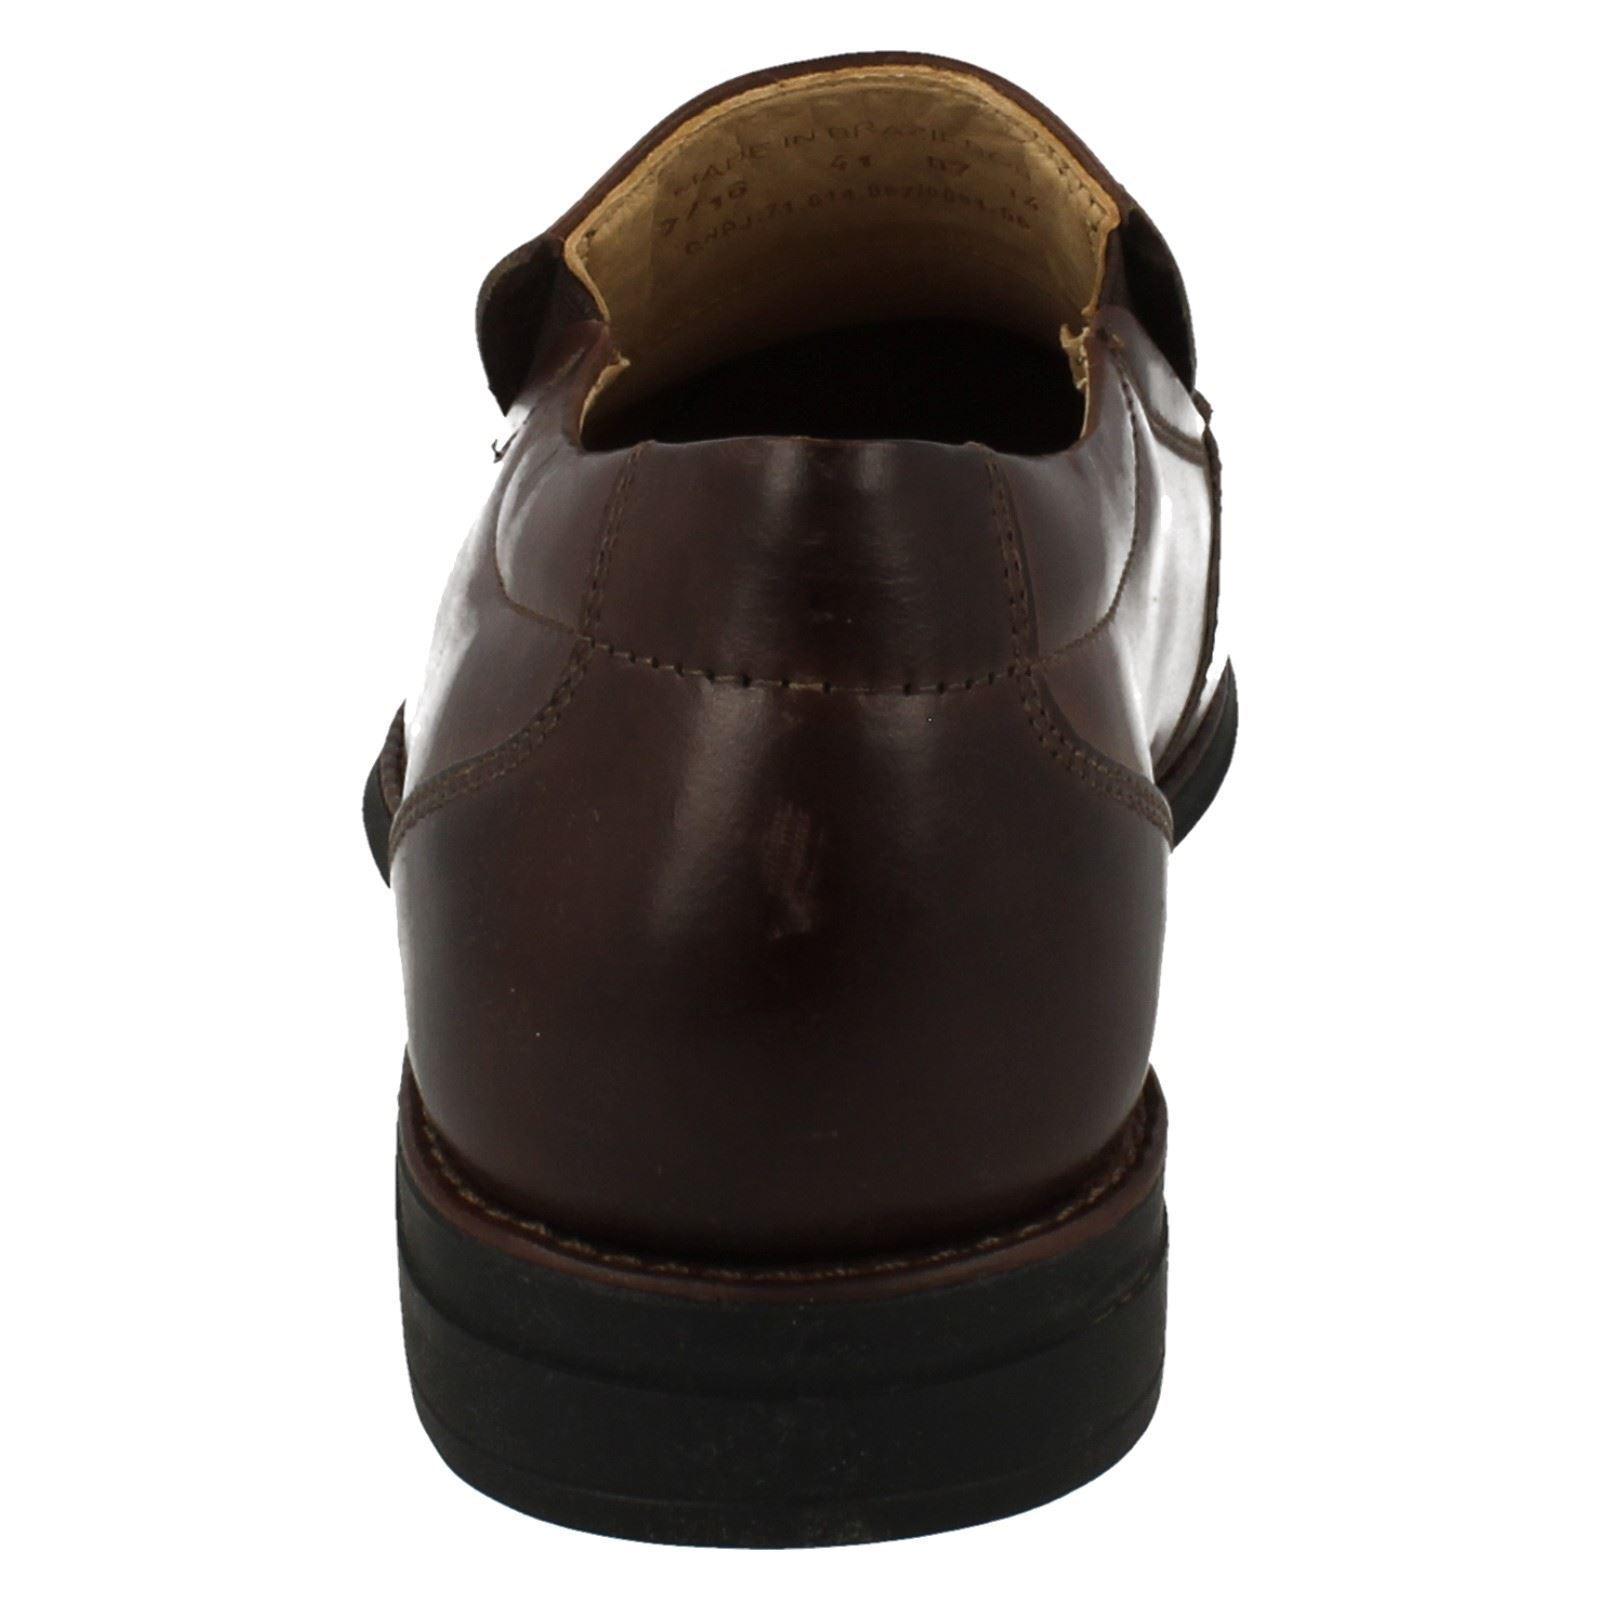 Anatomic & Co 'Tapera' Herren Smart Kaffee Leder leicht Slip On Schuhe